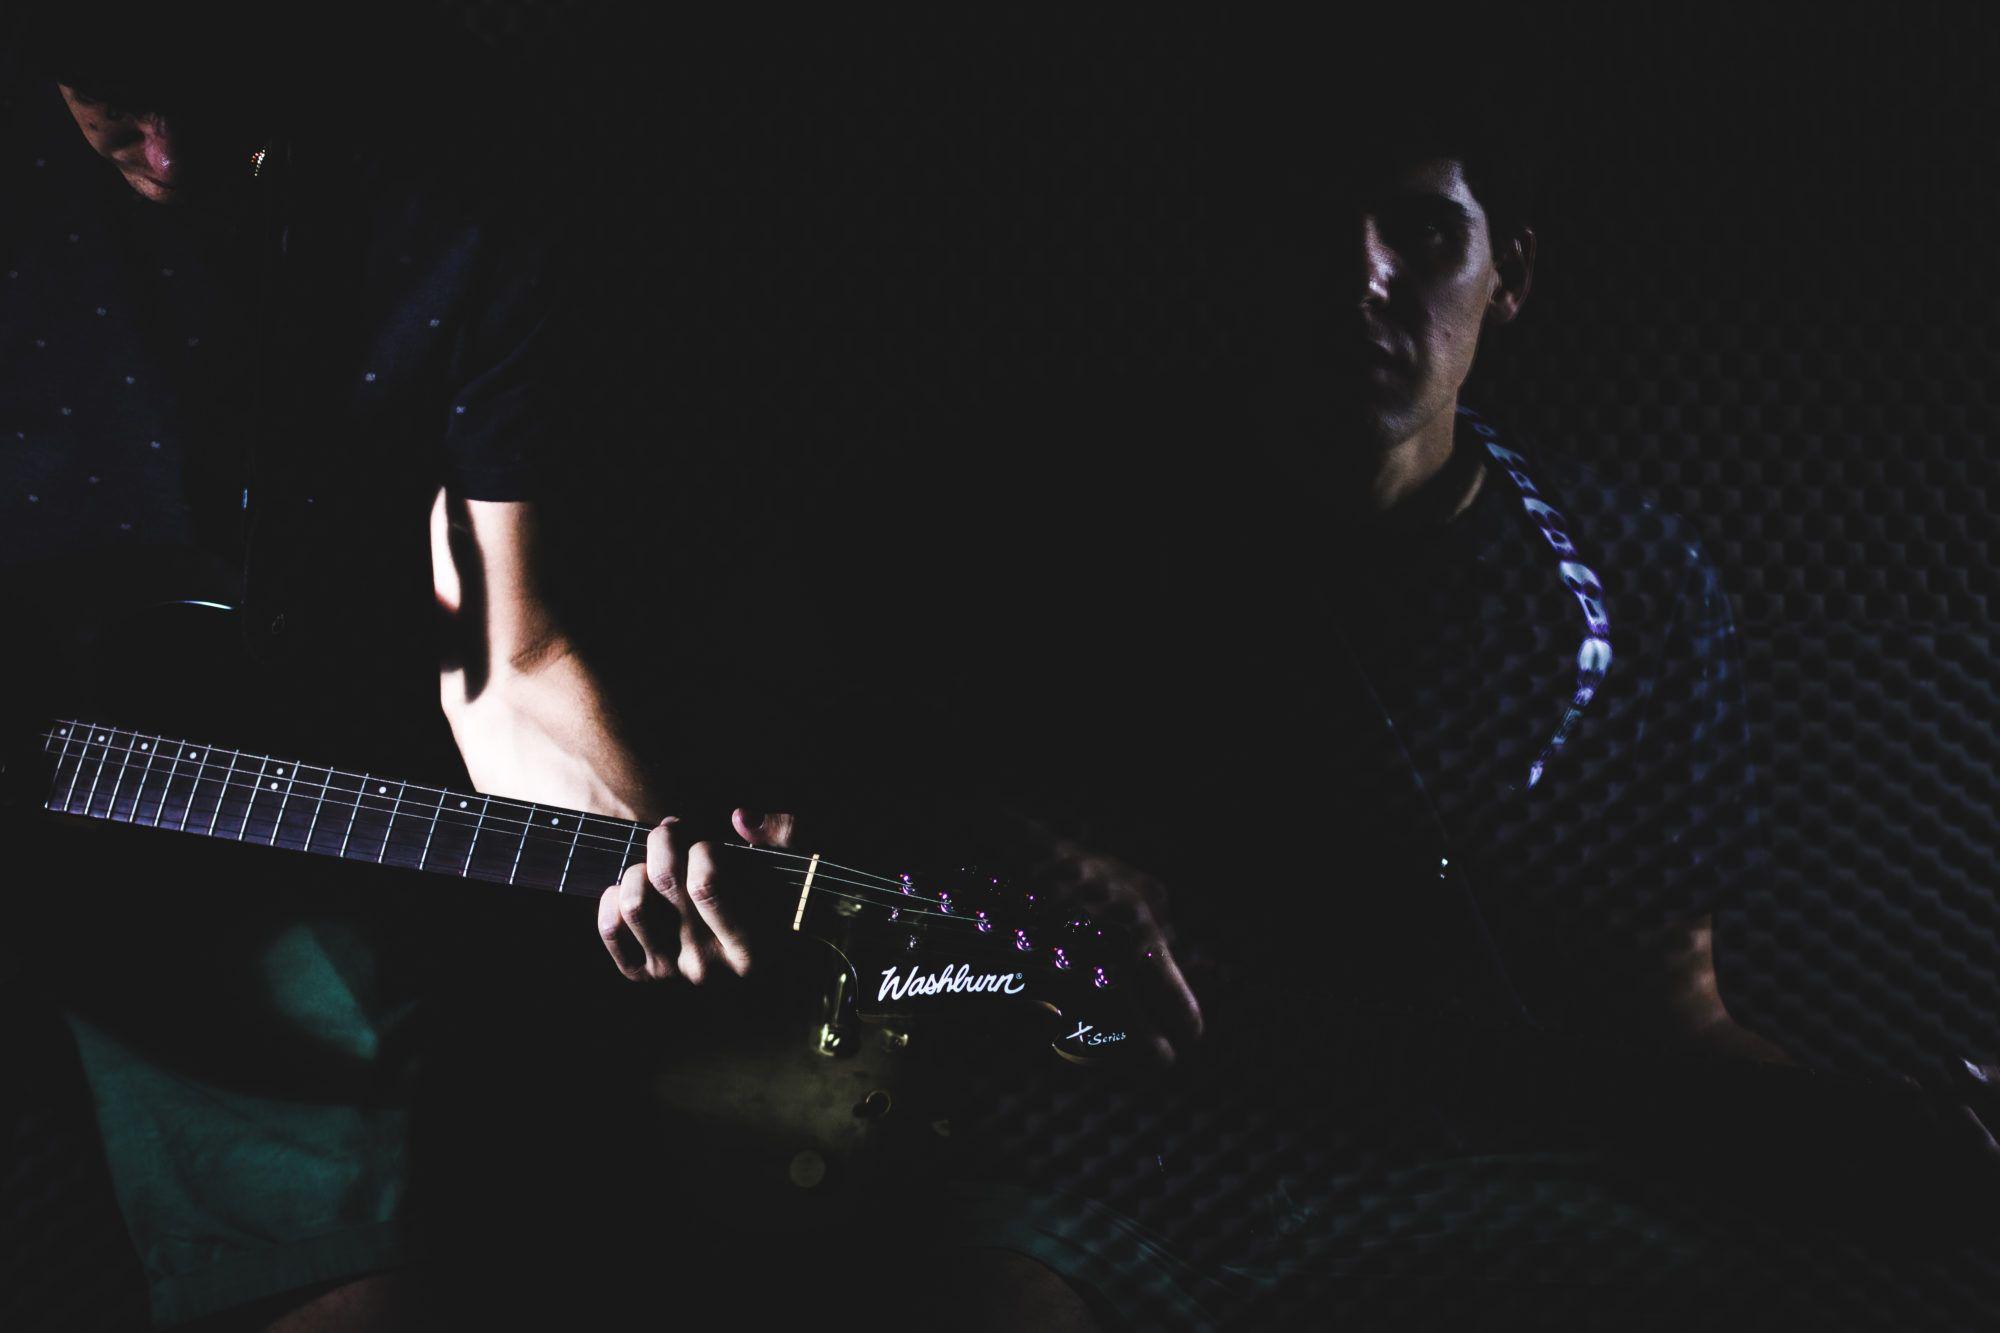 Doble exposicion con guitarra